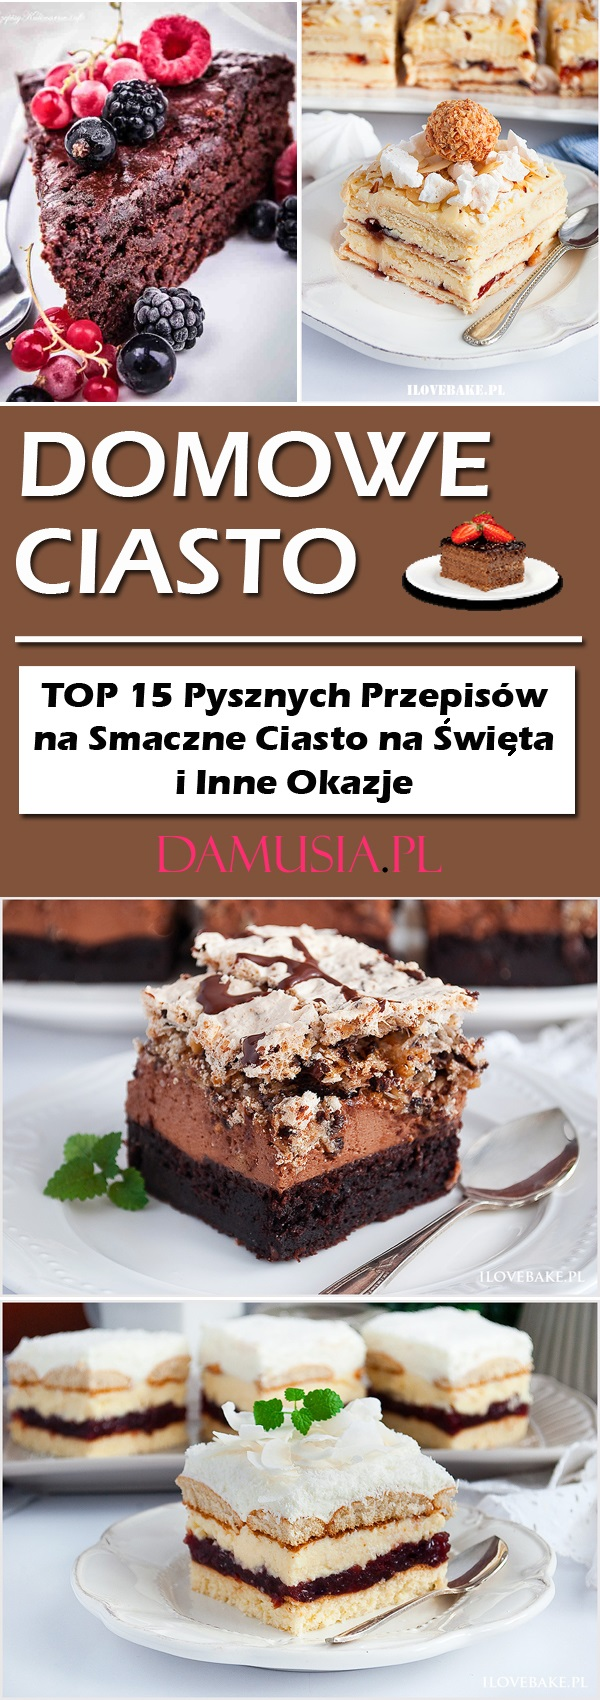 Domowe Ciasto Top 15 Pysznych Przepisow Na Smaczne Ciasto Na Swieta